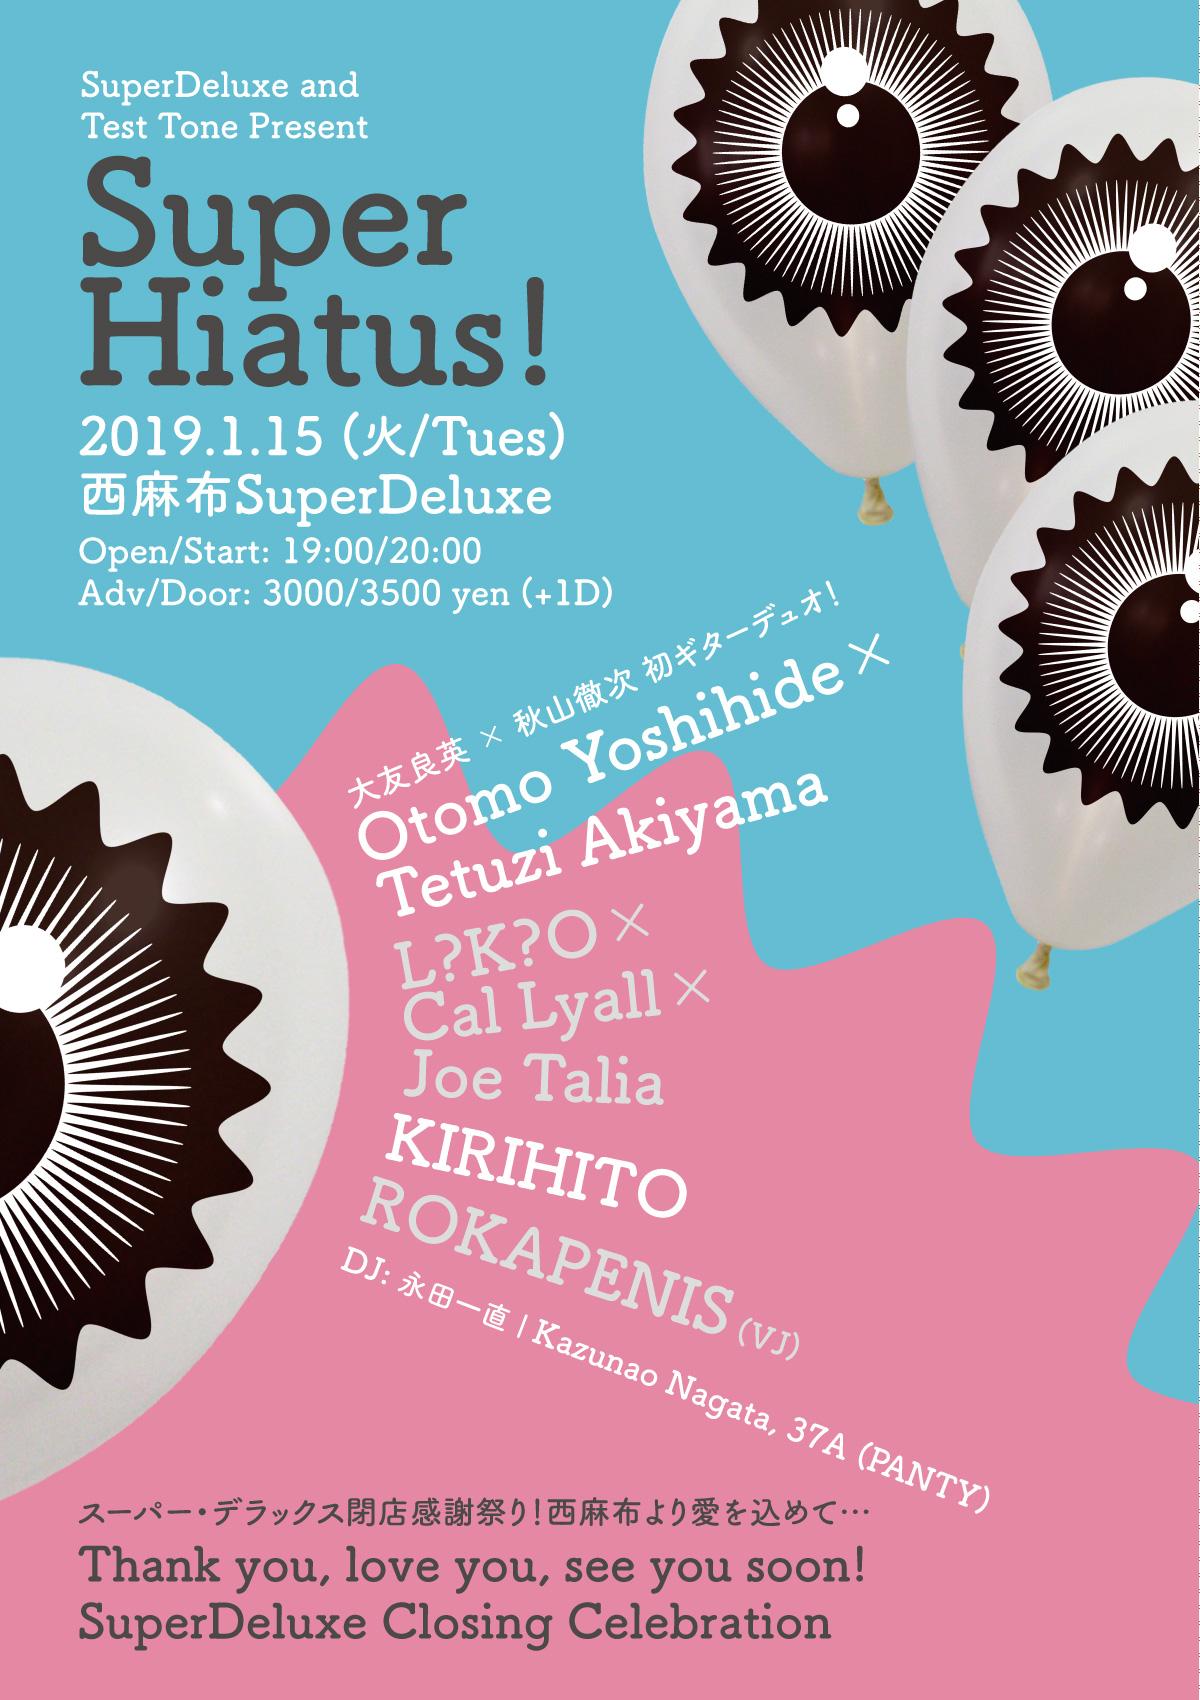 Super Hiatus!